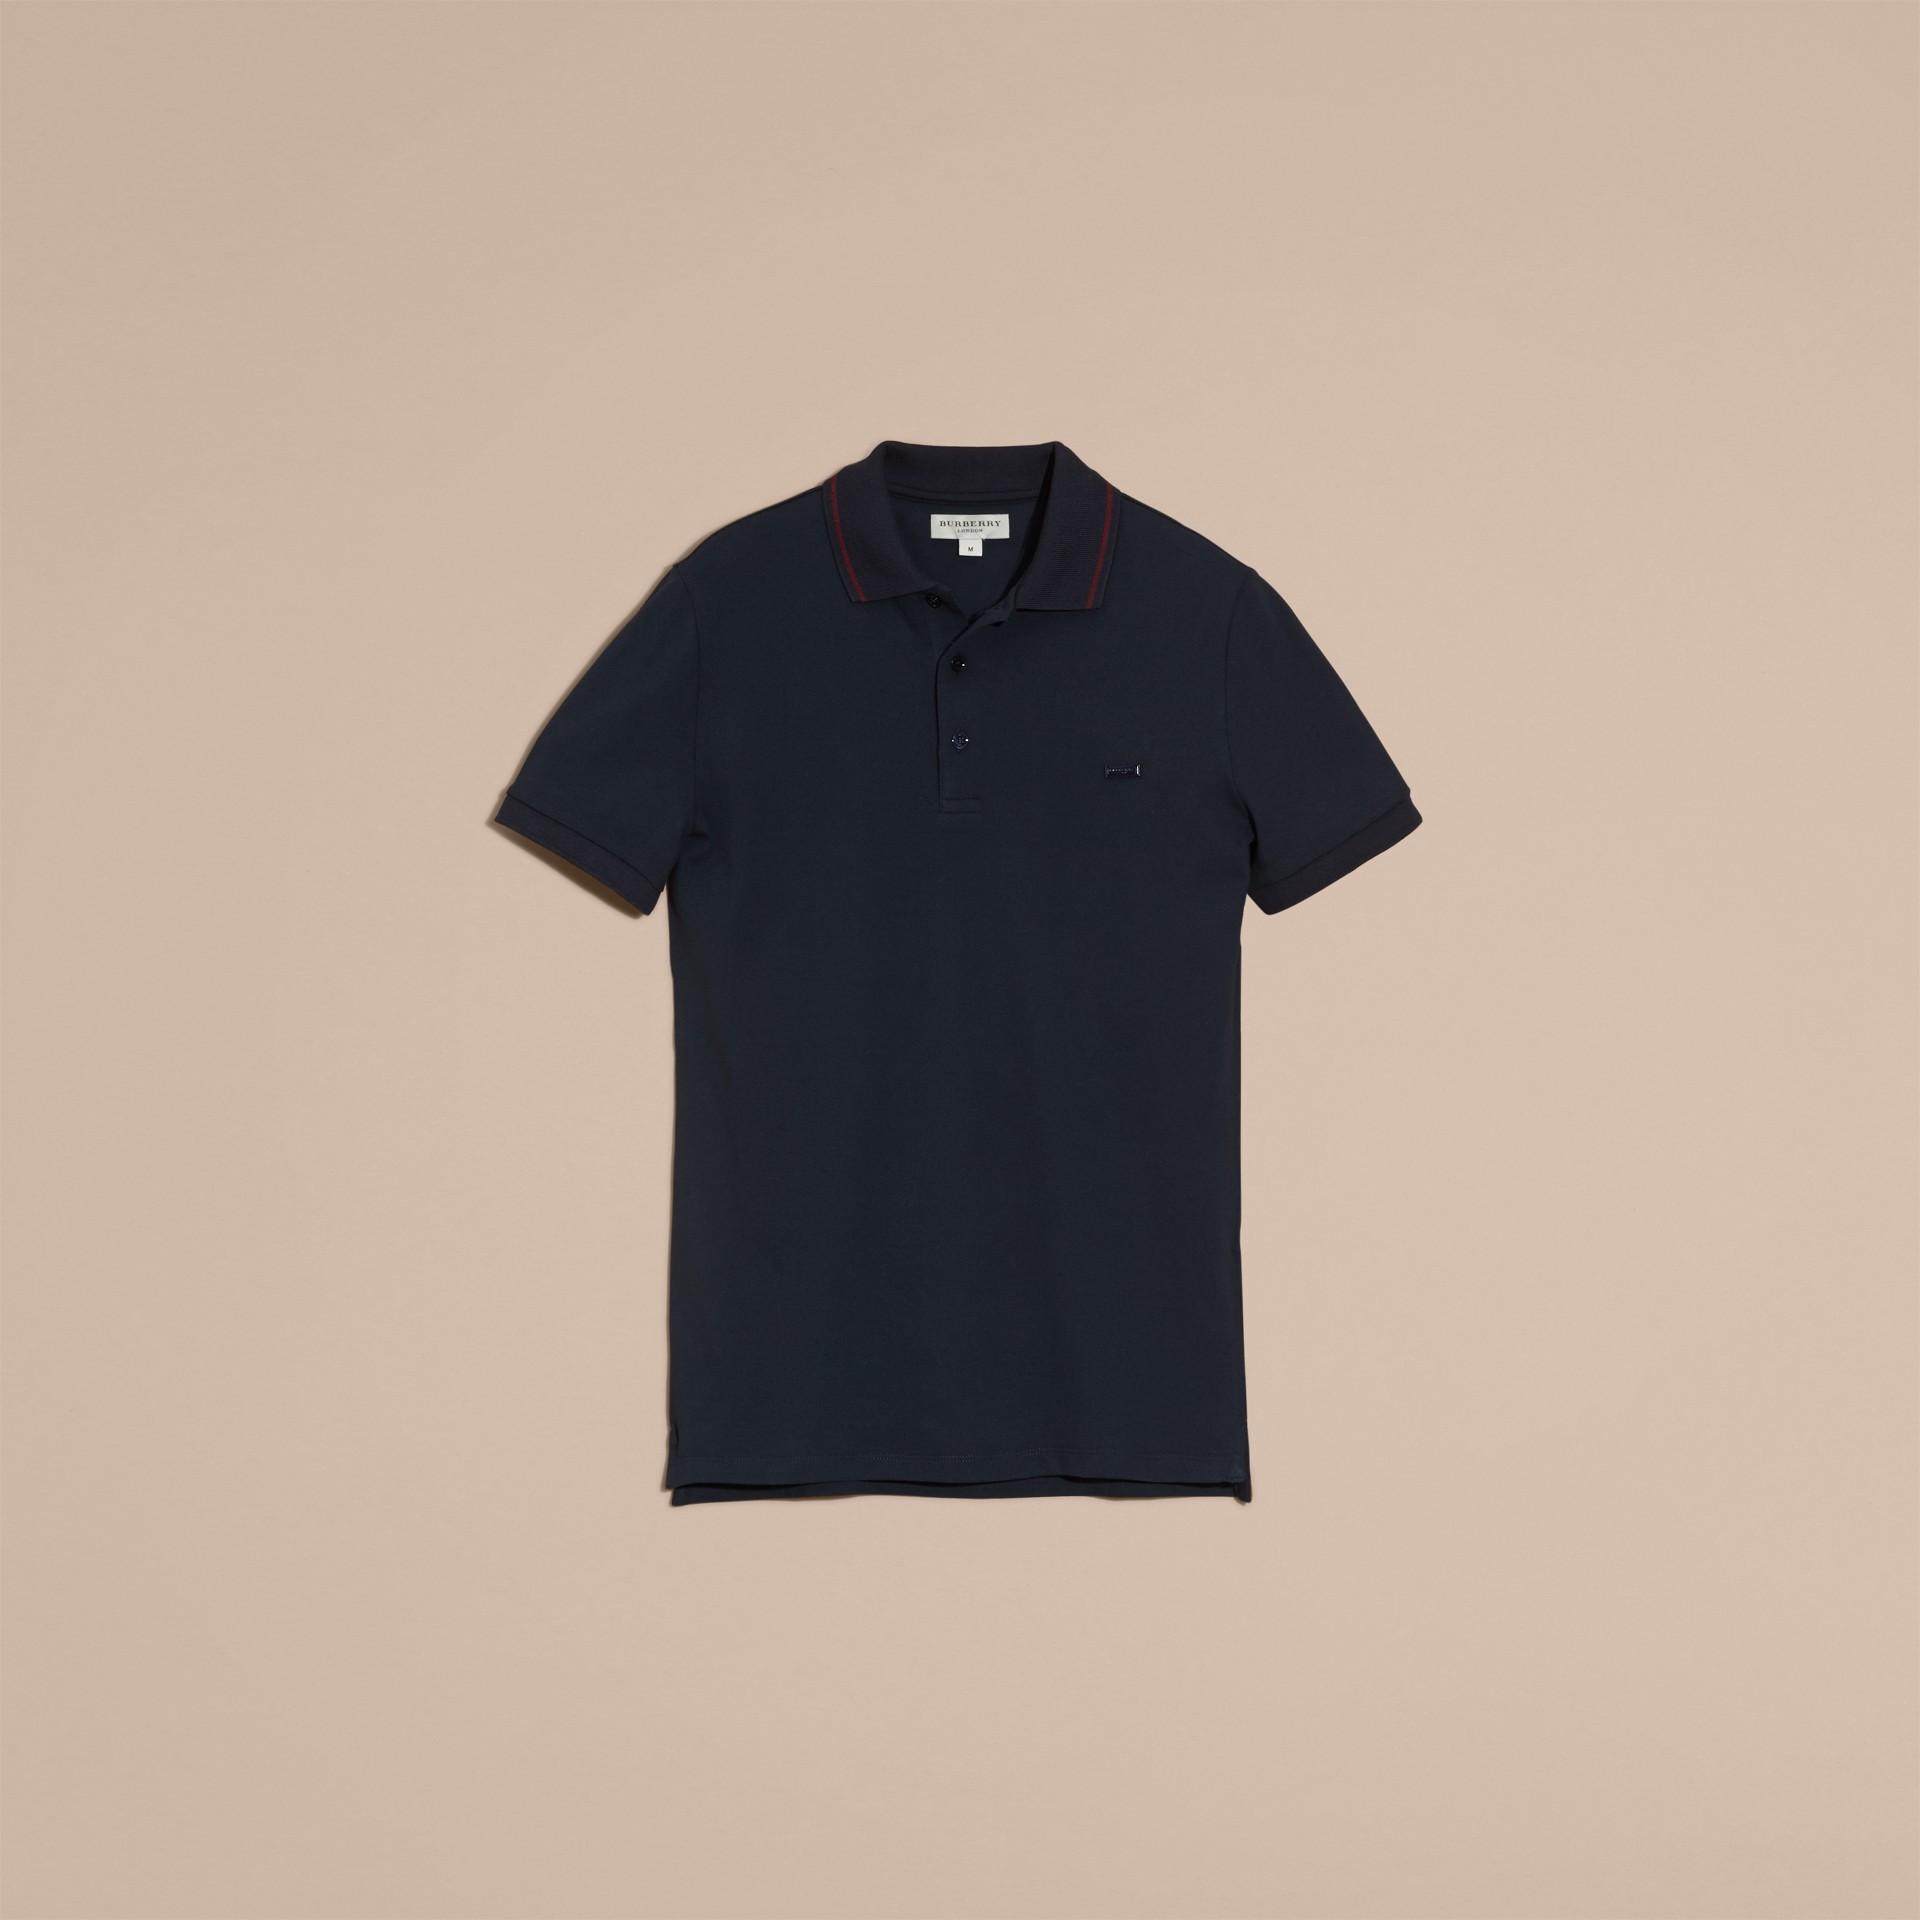 Azul marinho//mahogany red Camisa polo de algodão piquê com detalhes contrastantes Azul Marinho//mahogany Red - galeria de imagens 4